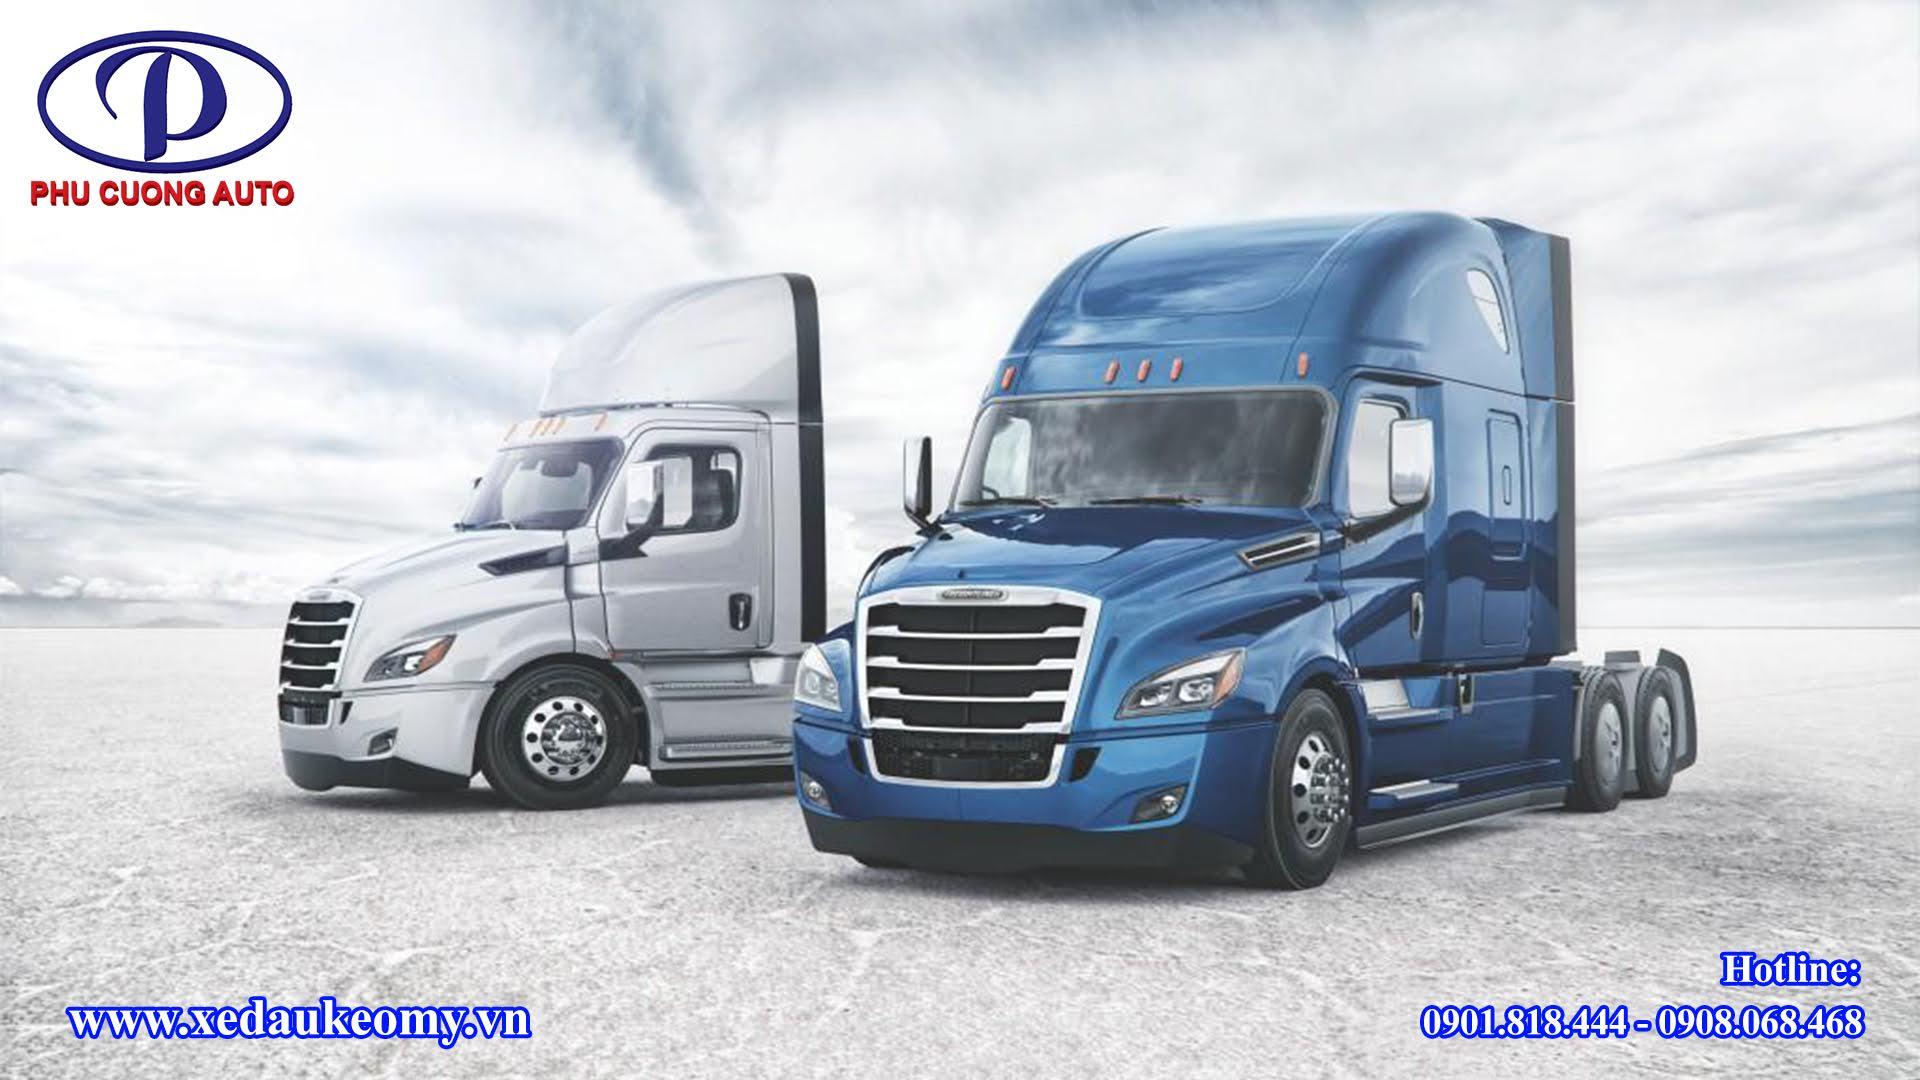 Giới thiệu về xe đầu kéo Mỹ Freightliner Cascadia